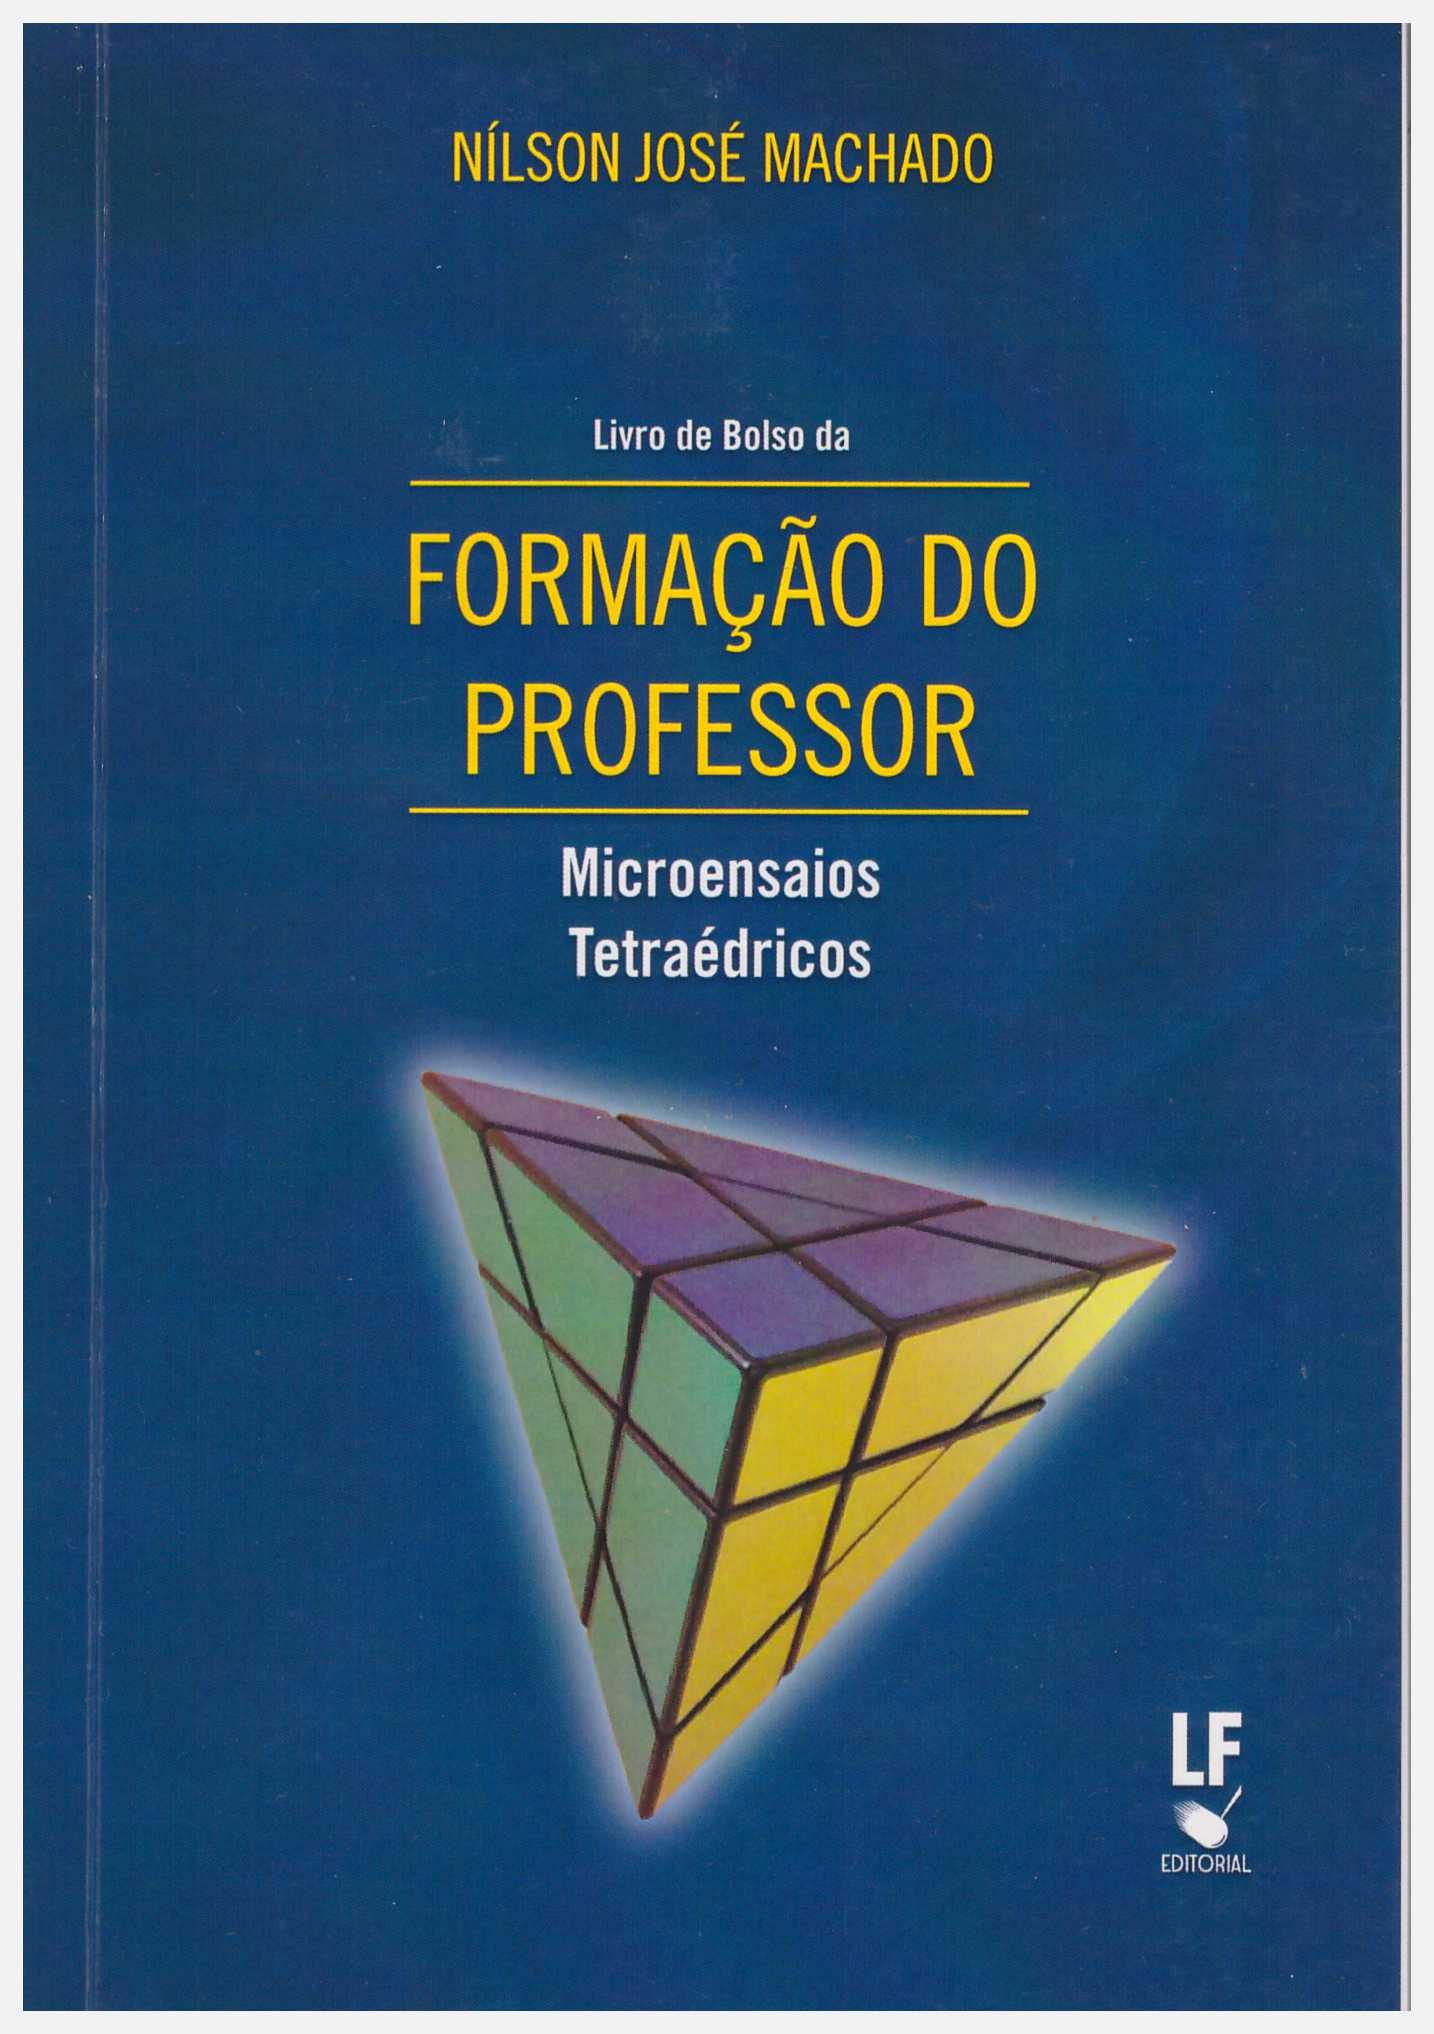 formacao-do-professor-microensaios-tetraedricos